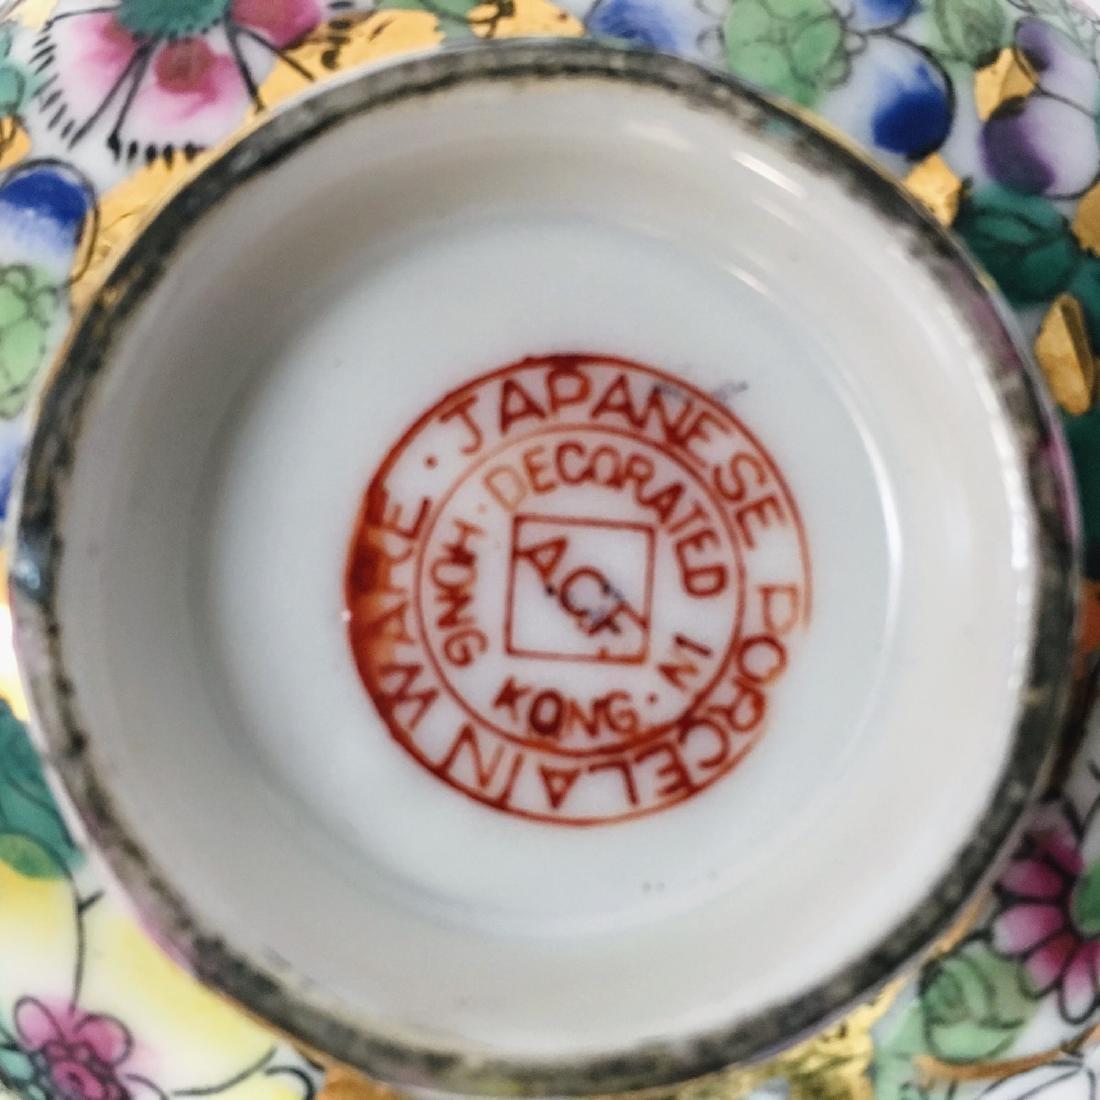 ACF Japanese Porcelain Ware Bowl Decorated Hong Kong - 4